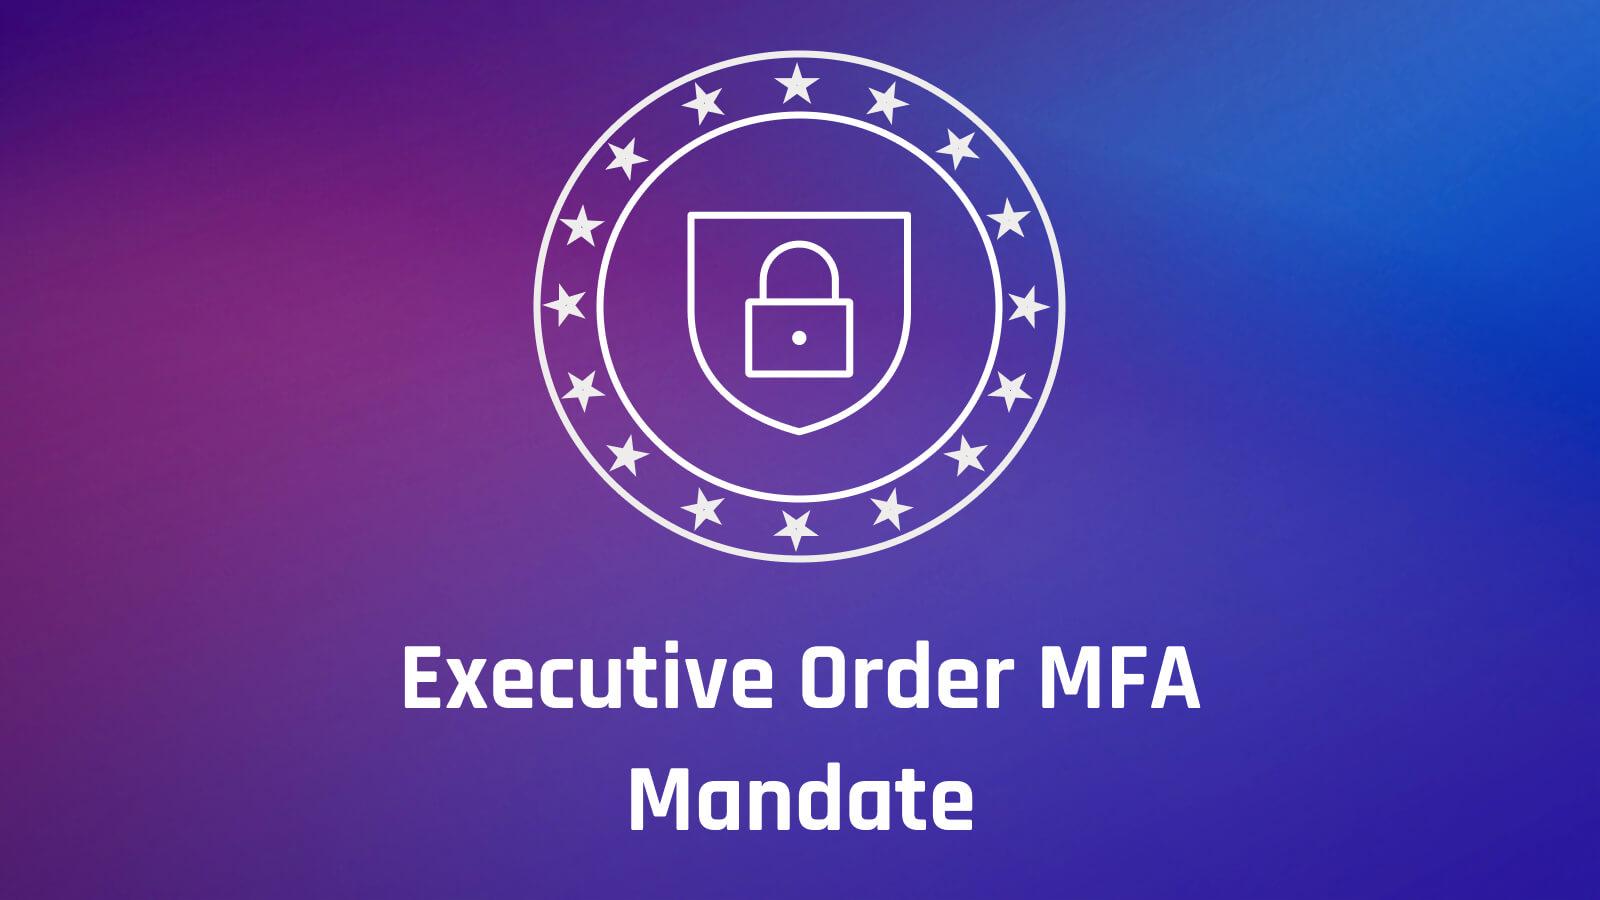 Image for Executive Order MFA Mandate